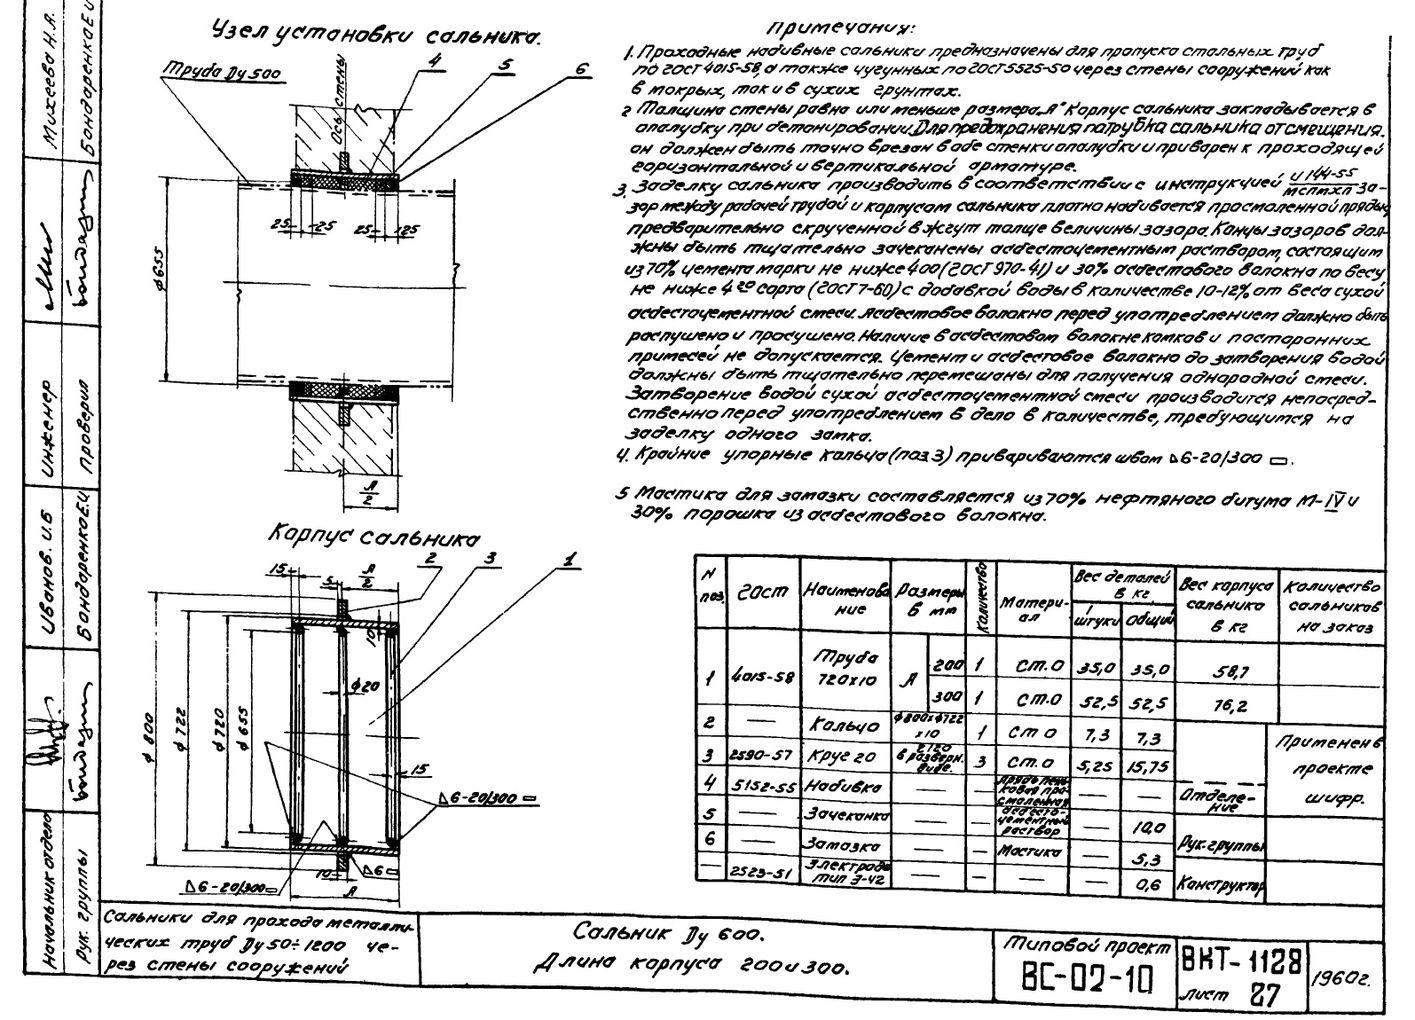 Сальники набивные L = 200 мм типовой проект ВС-02-10 стр.13